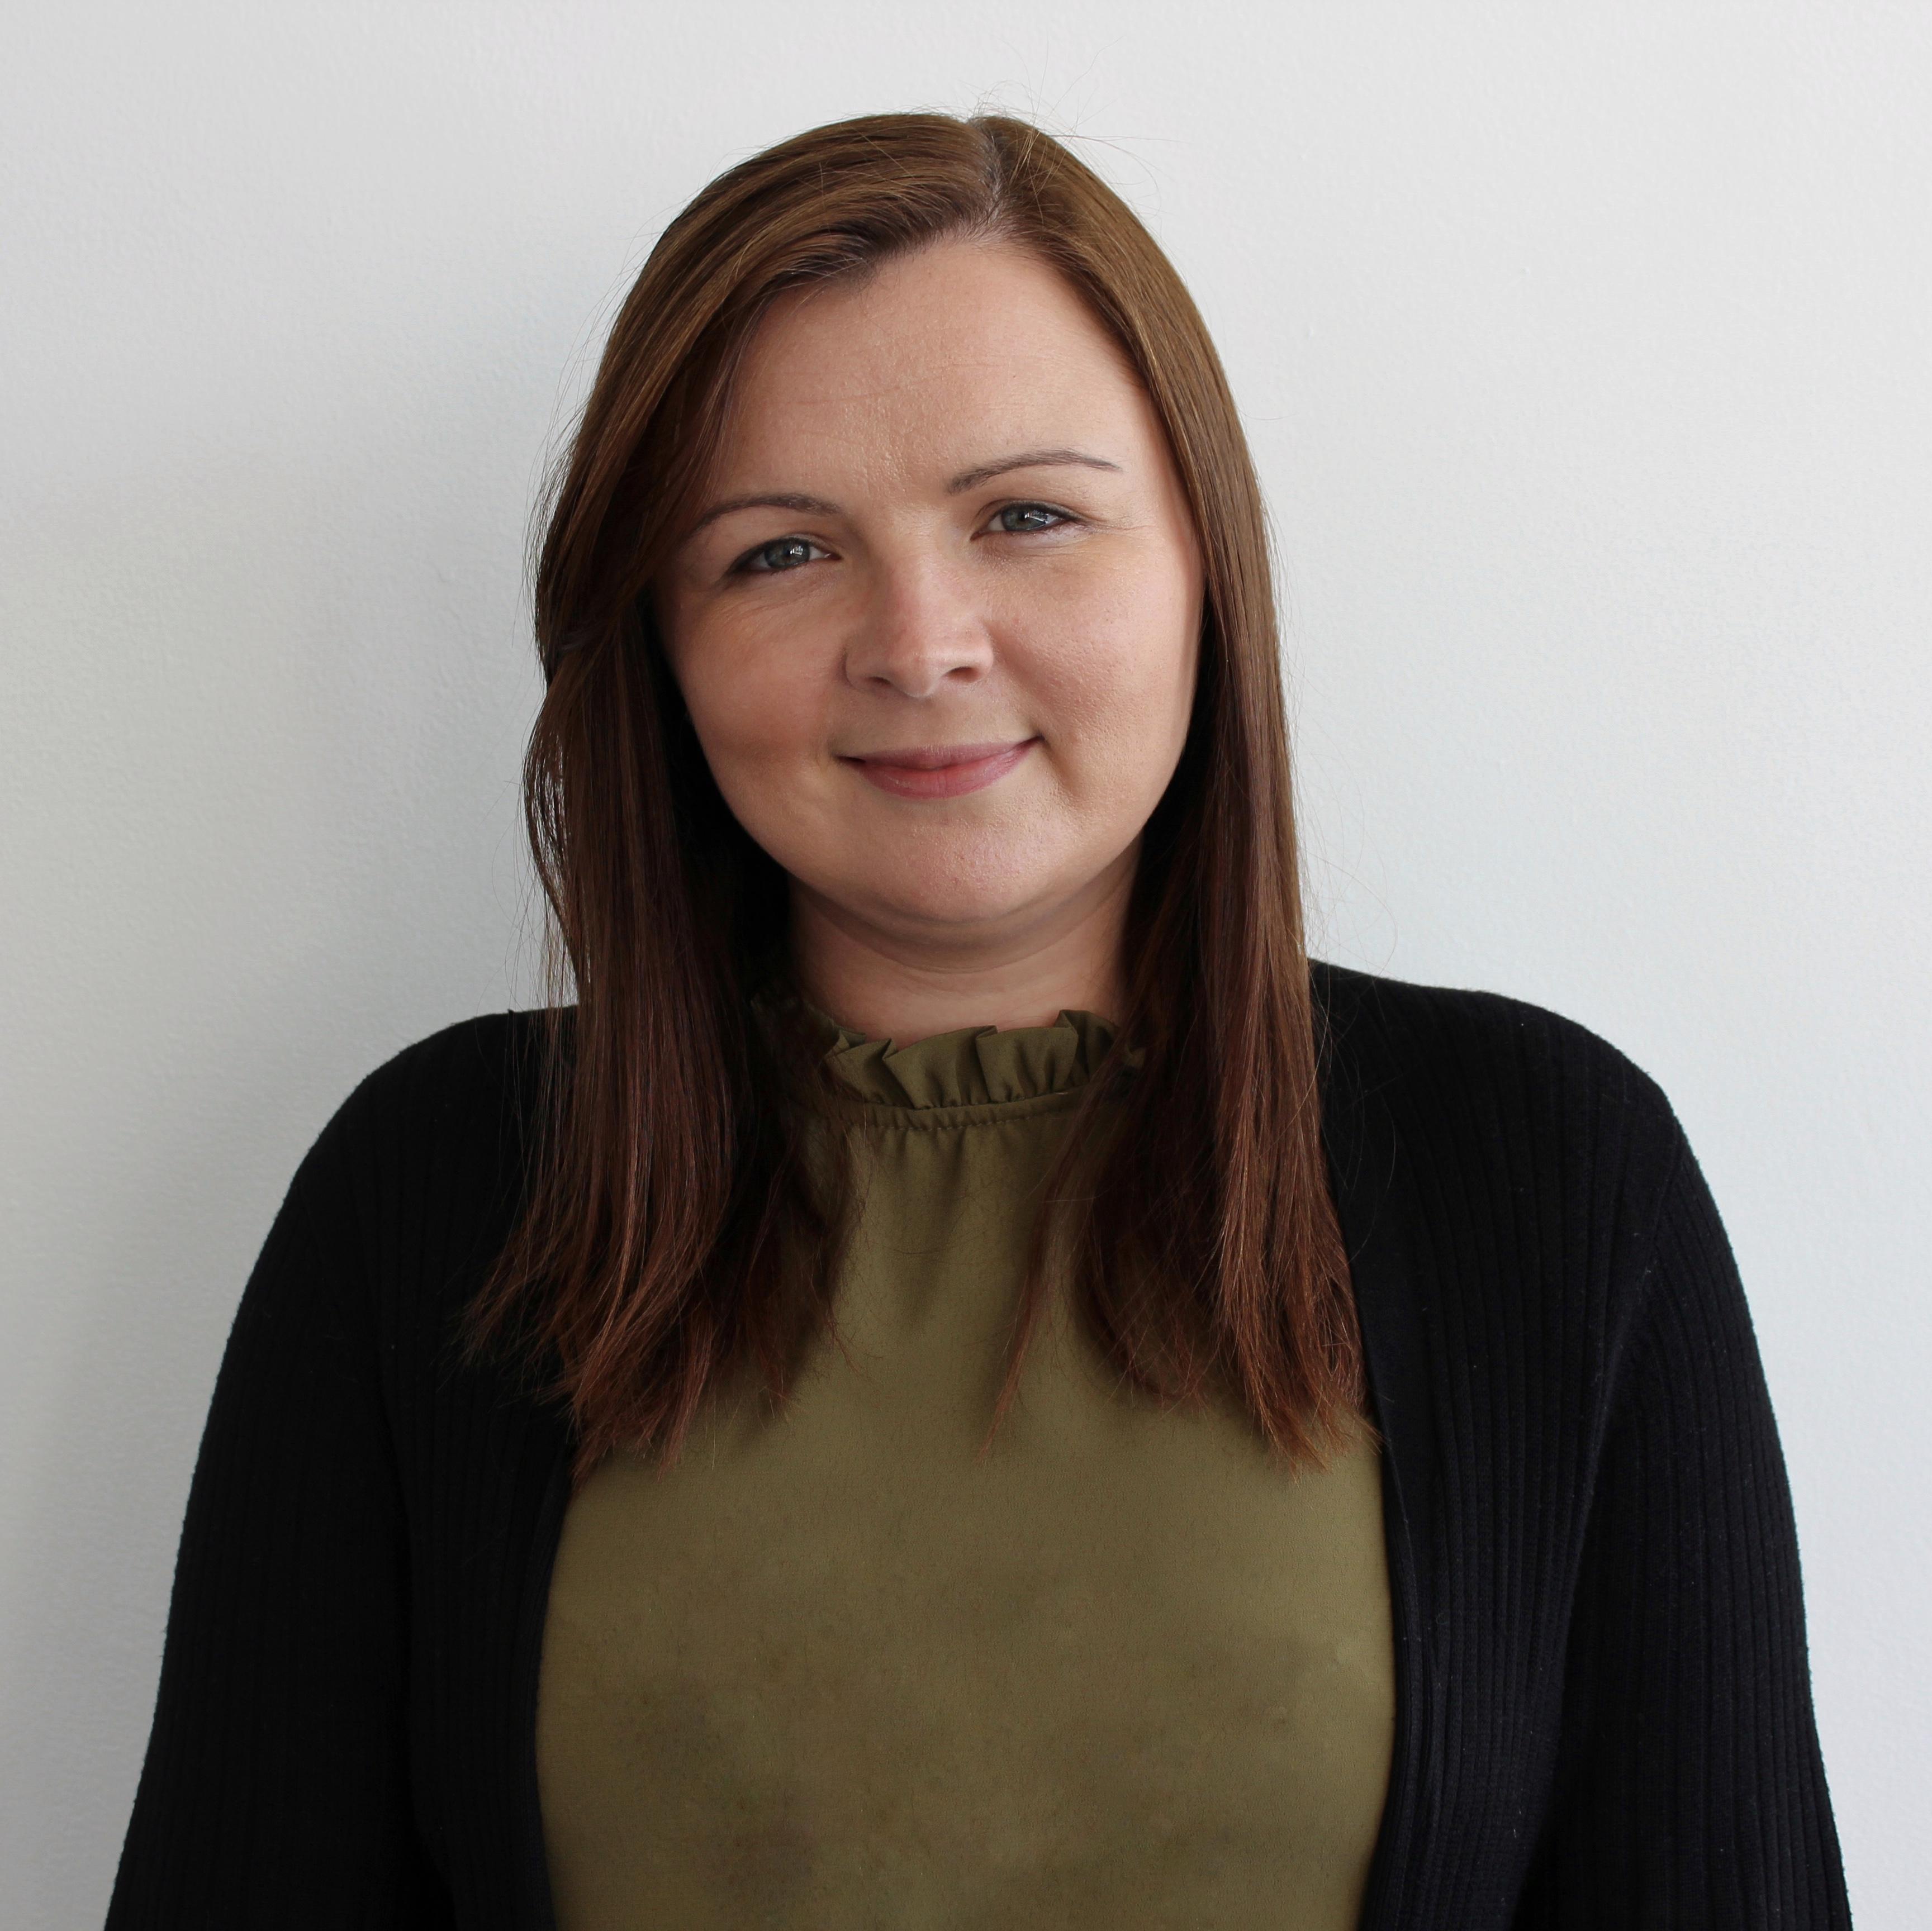 Sarah Cotter